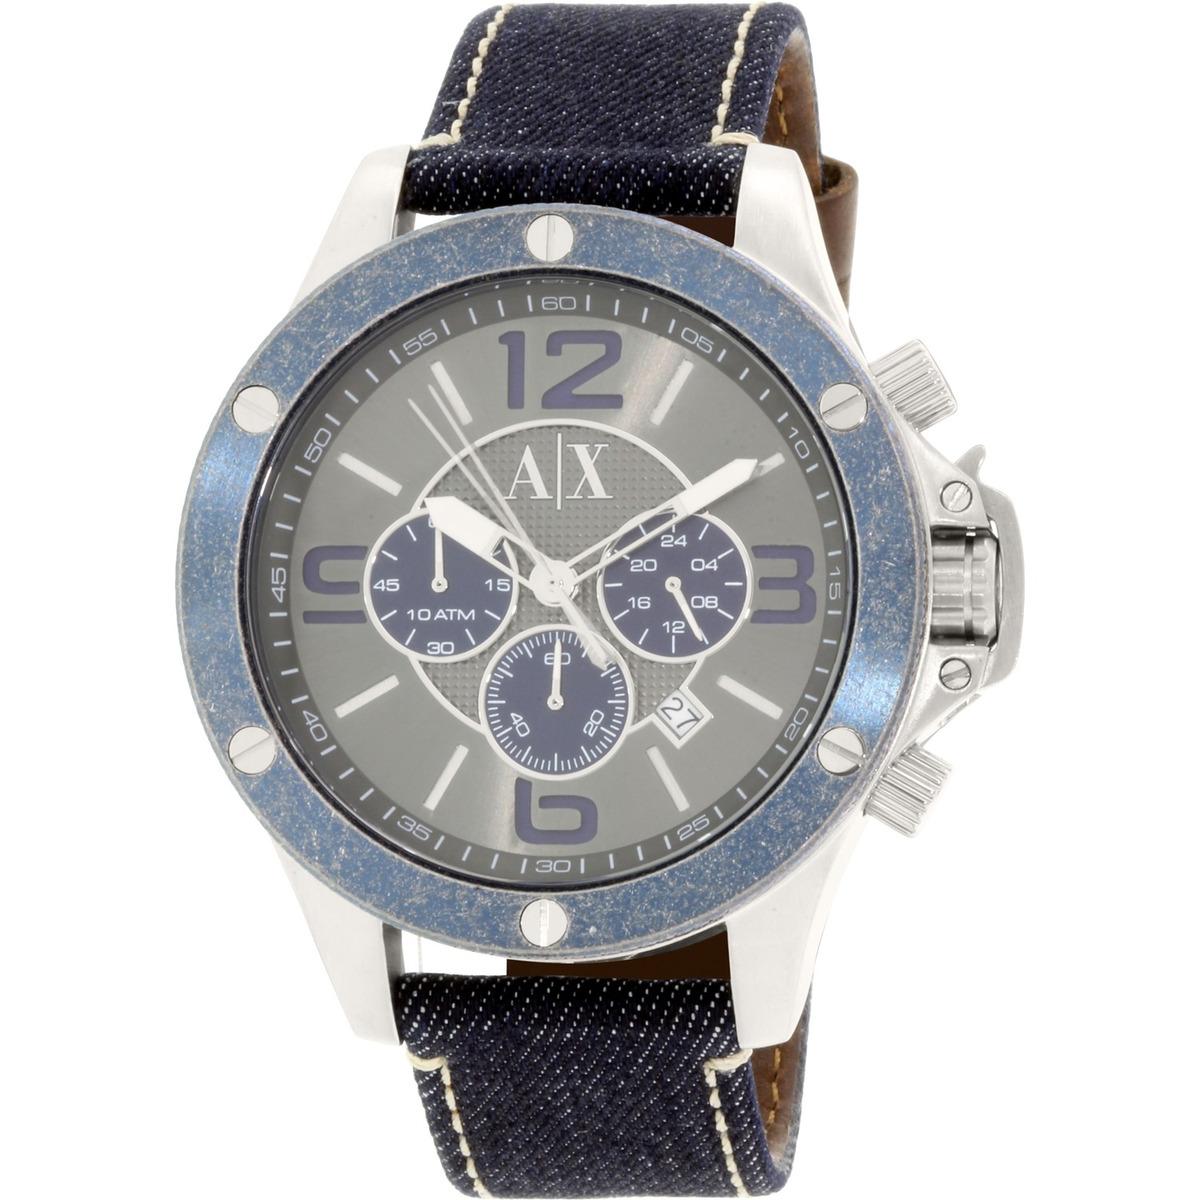 86617e681d99 Reloj Armani Exchange Para Hombres Ax1517 Correa De Cuero ...